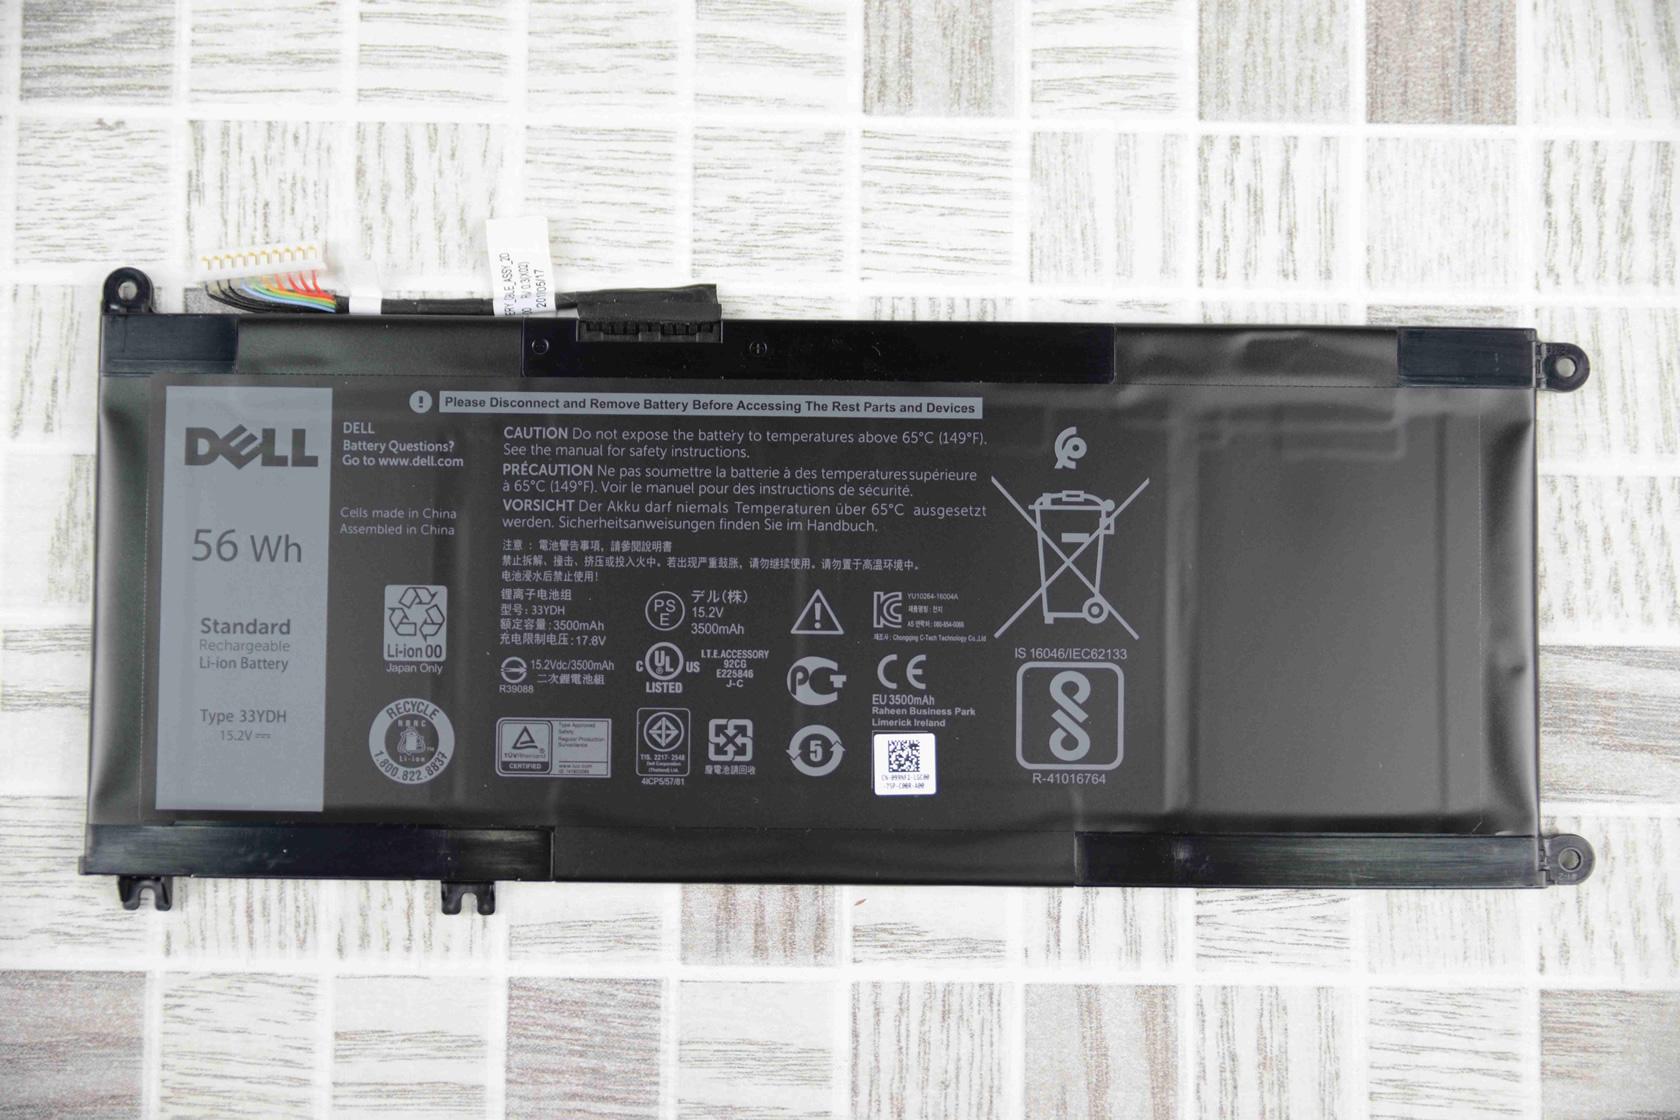 Dell Vostro 15 7570 battery